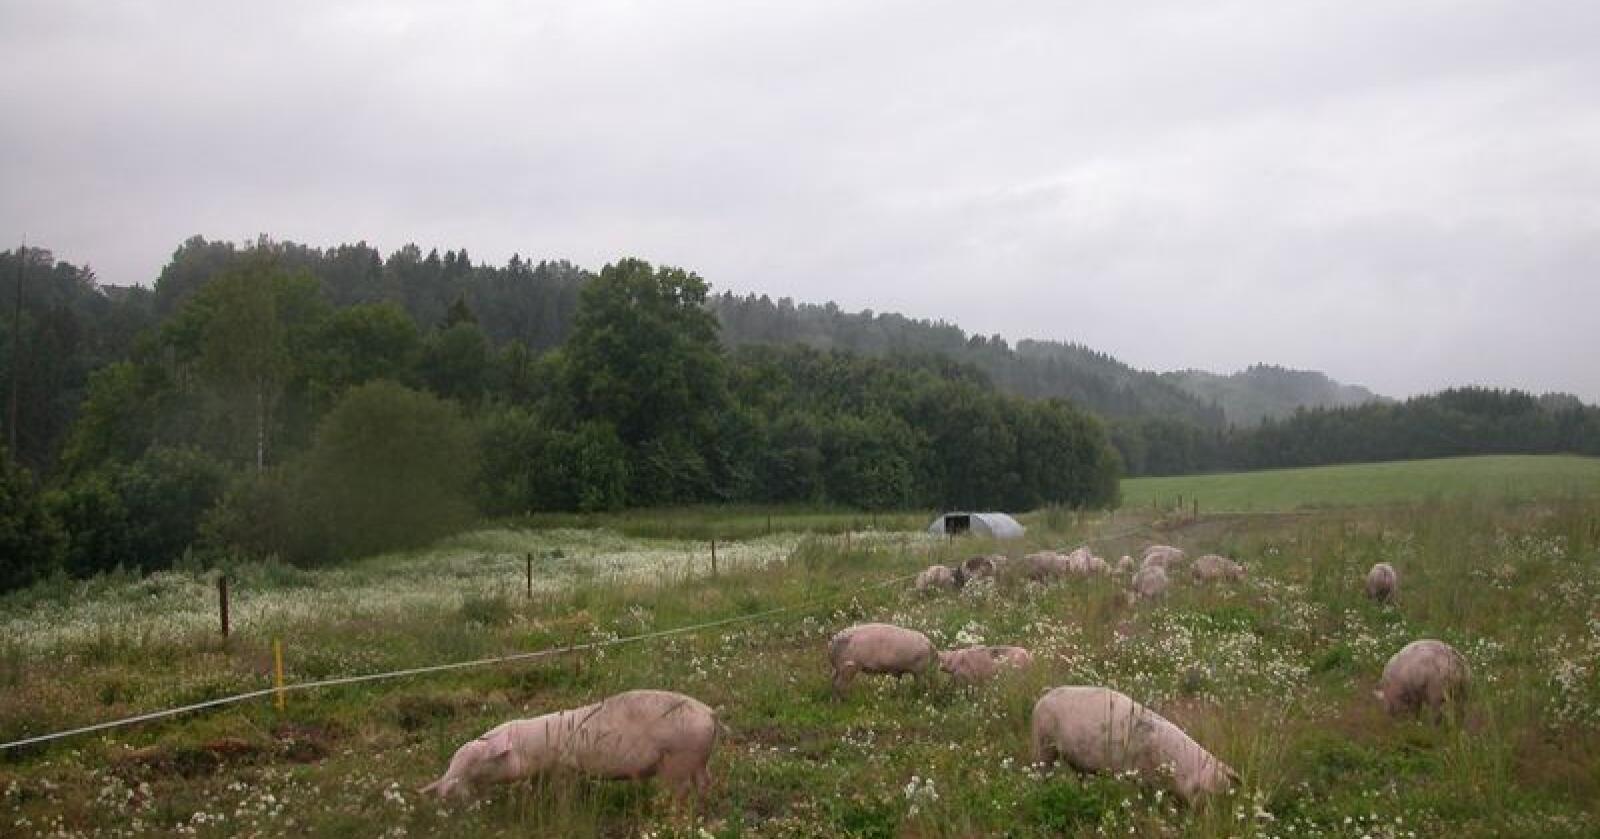 Gras-gris: Få proteinvekster kan i dag dyrkes i Norge, noe som utgjør en stor utfordring for målet om helnorsk svinefôr. Men Norsvin ser nye muligheter etter testing av en ny produksjonsmetode. Bildet er fra Grøstad gård. (Foto: Linda Sunde)